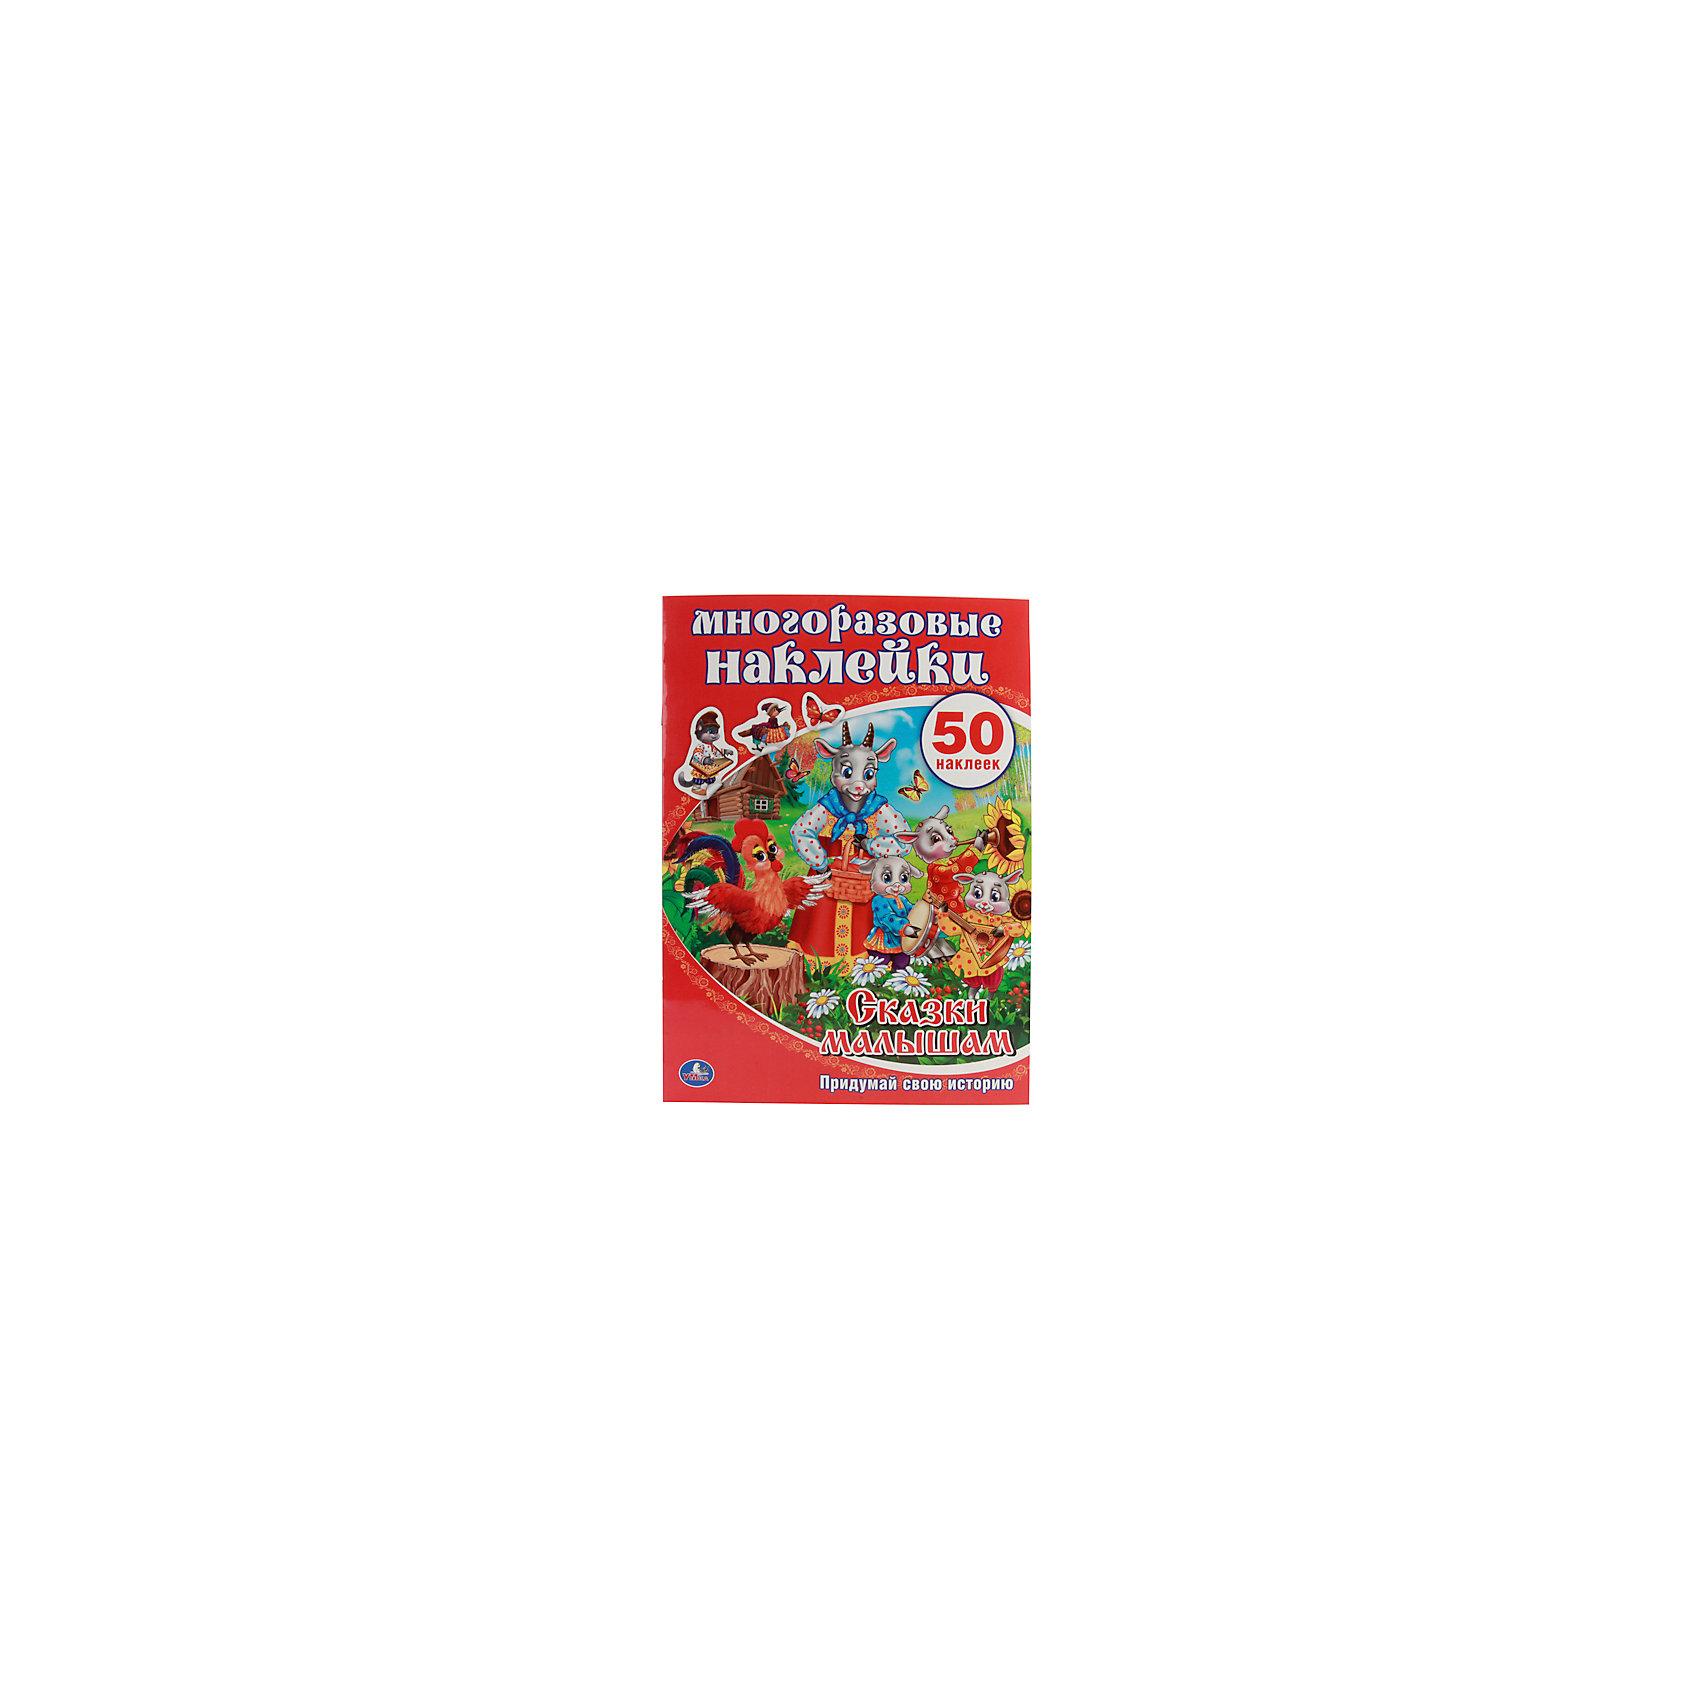 Активити + 50 многоразовых наклеек Сказки малышамУмка<br>Активити + 50 многоразовых наклеек Сказки малышам - это книга, на страницах которой малыш самостоятельно будет размещать героев сказок.<br>Замечательная книжка с многоразовыми наклейками для малышей и родителей. Читайте сказки: Волк и семеро козлят, Маша и медведь, Петушок - золотой гребешок, наклеивайте наклейки и придумывайте свои истории с героями. Сказки в сокращенном варианте.<br><br>Дополнительная информация:<br><br>- Художники: Д. Букин, С. Казикова, И. Гилеп<br>- Издательство: Умка<br>- Тип обложки: мягкий переплет<br>- Иллюстрации: цветные<br>- Количество страниц: 8<br>- Количество многоразовых наклеек: 50<br>- Размер: 210х290х5 мм.<br>- Вес: 80 гр.<br><br>Книгу Активити + 50 многоразовых наклеек Сказки малышам можно купить в нашем интернет-магазине.<br><br>Ширина мм: 210<br>Глубина мм: 290<br>Высота мм: 5<br>Вес г: 80<br>Возраст от месяцев: 36<br>Возраст до месяцев: 2147483647<br>Пол: Унисекс<br>Возраст: Детский<br>SKU: 4578942